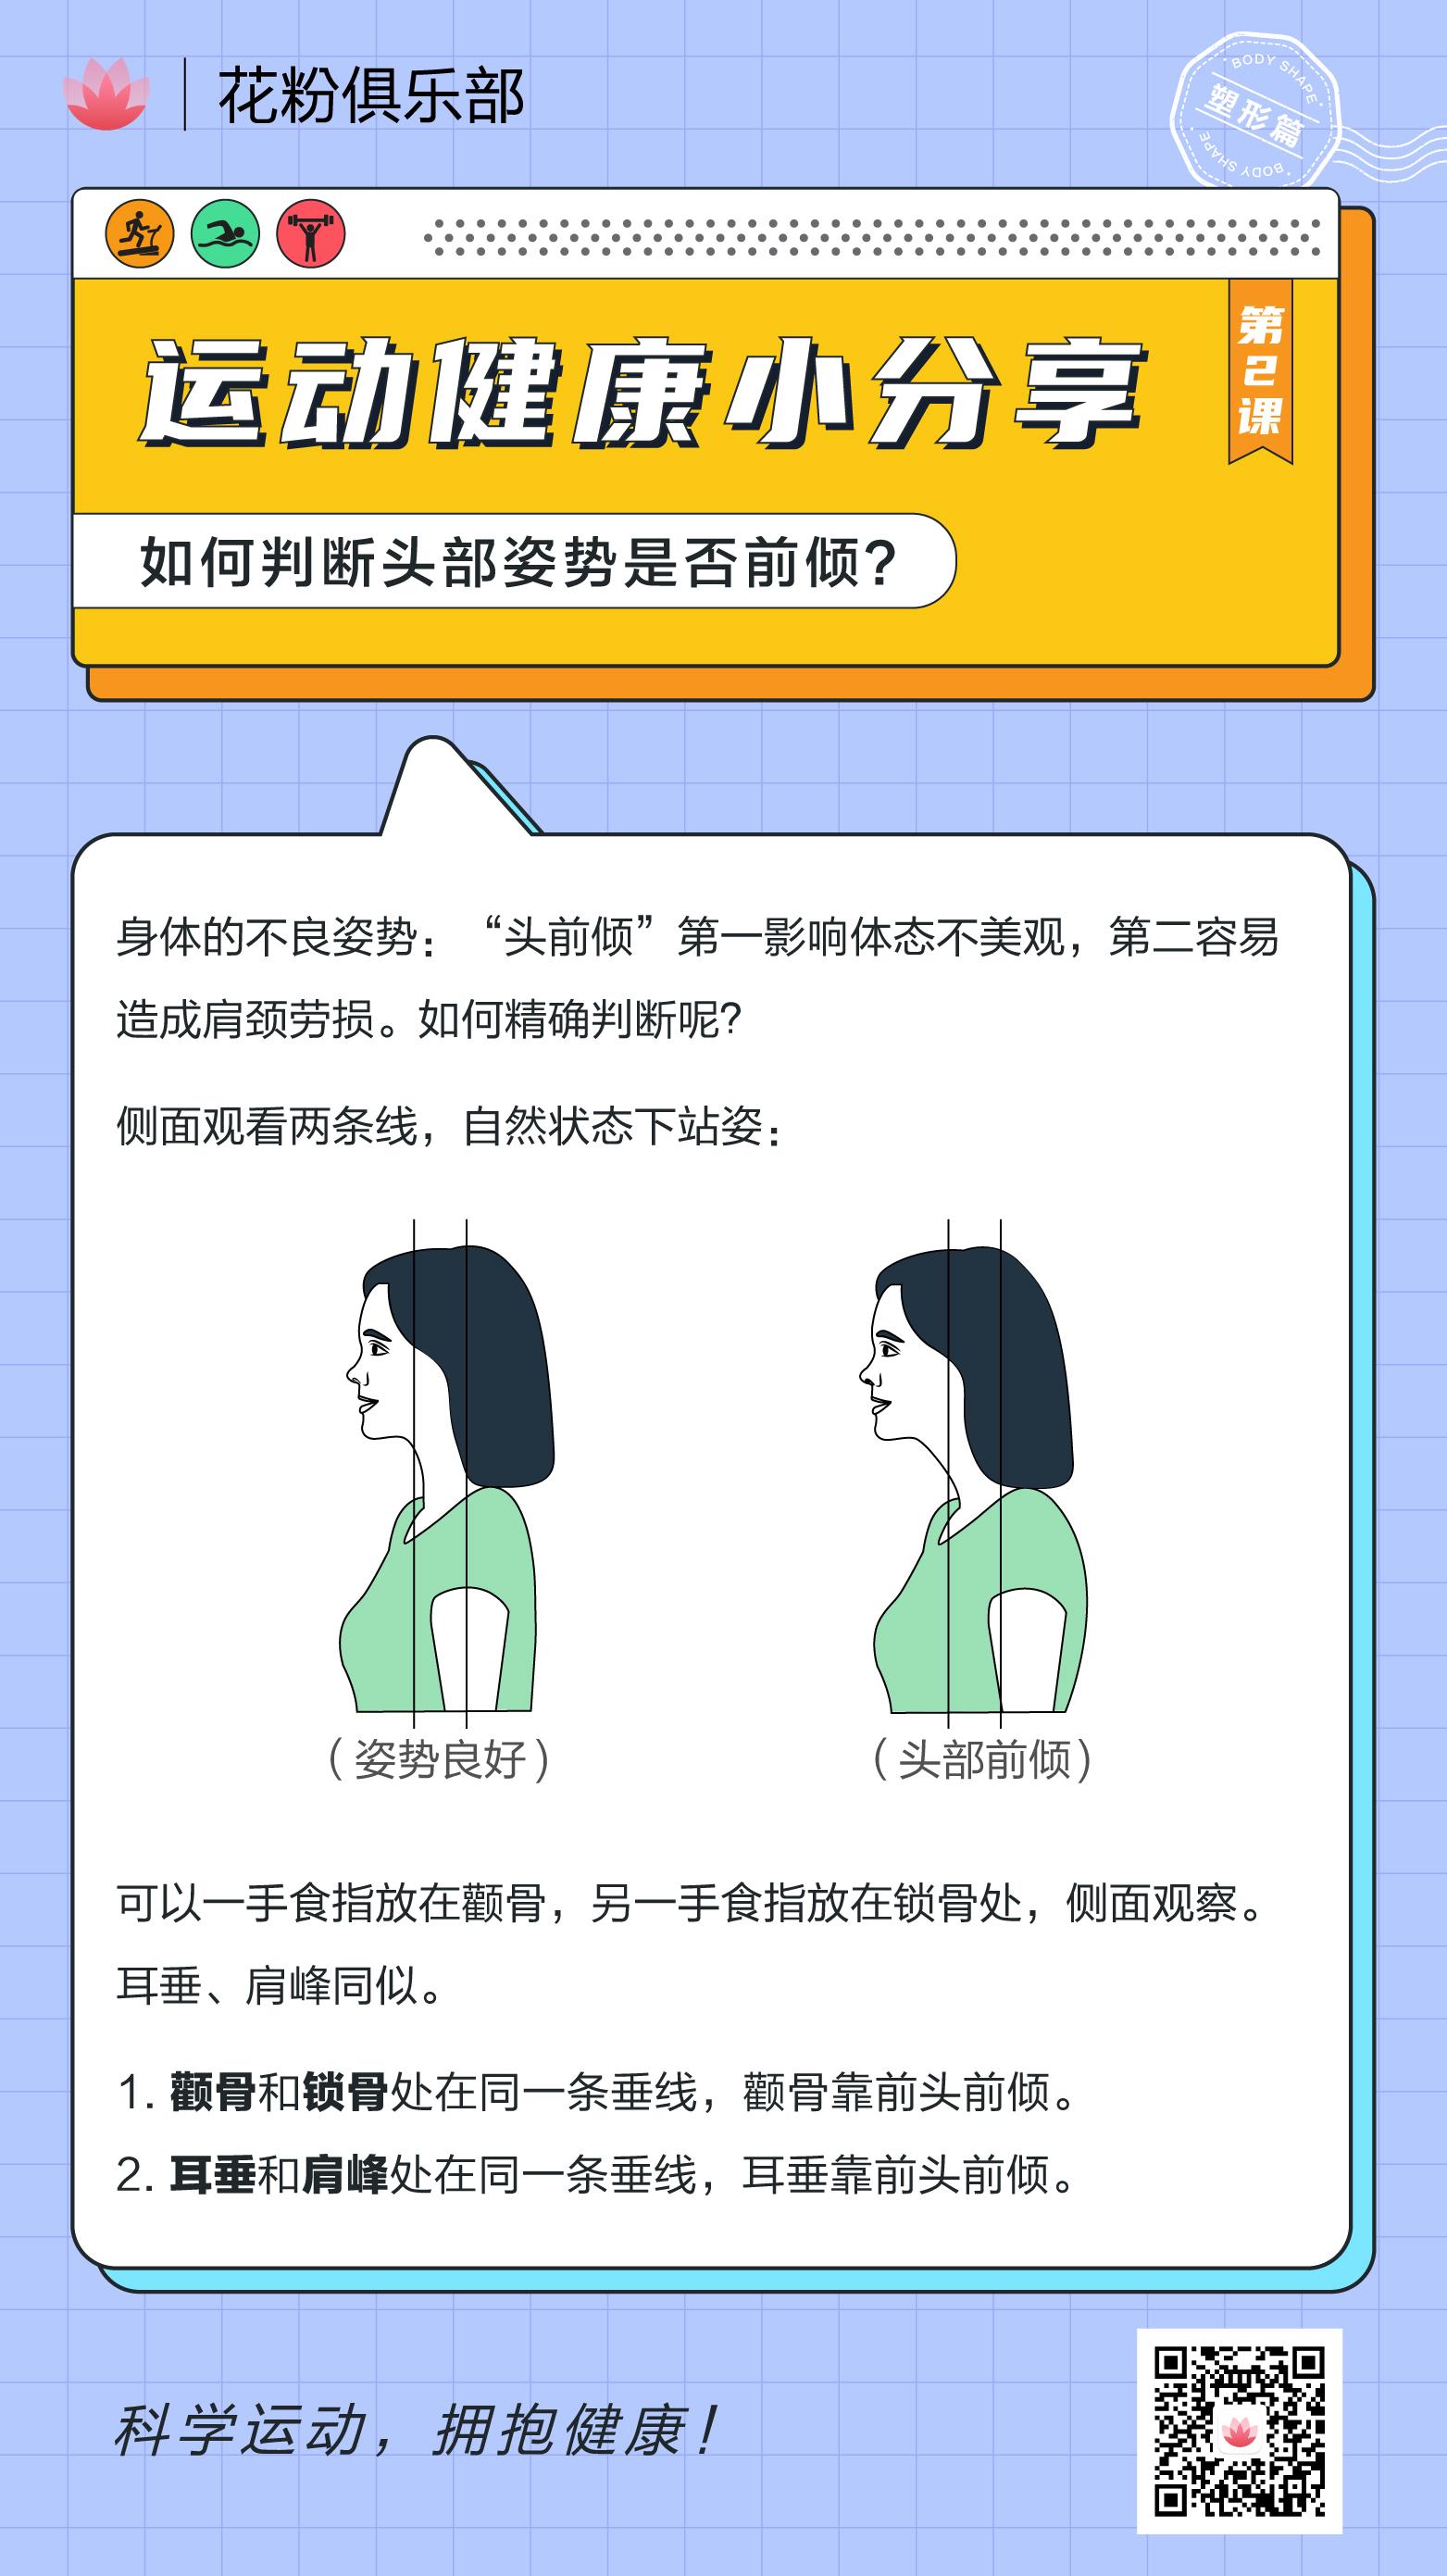 健康小分享-塑形-第1课-0412-06.jpg